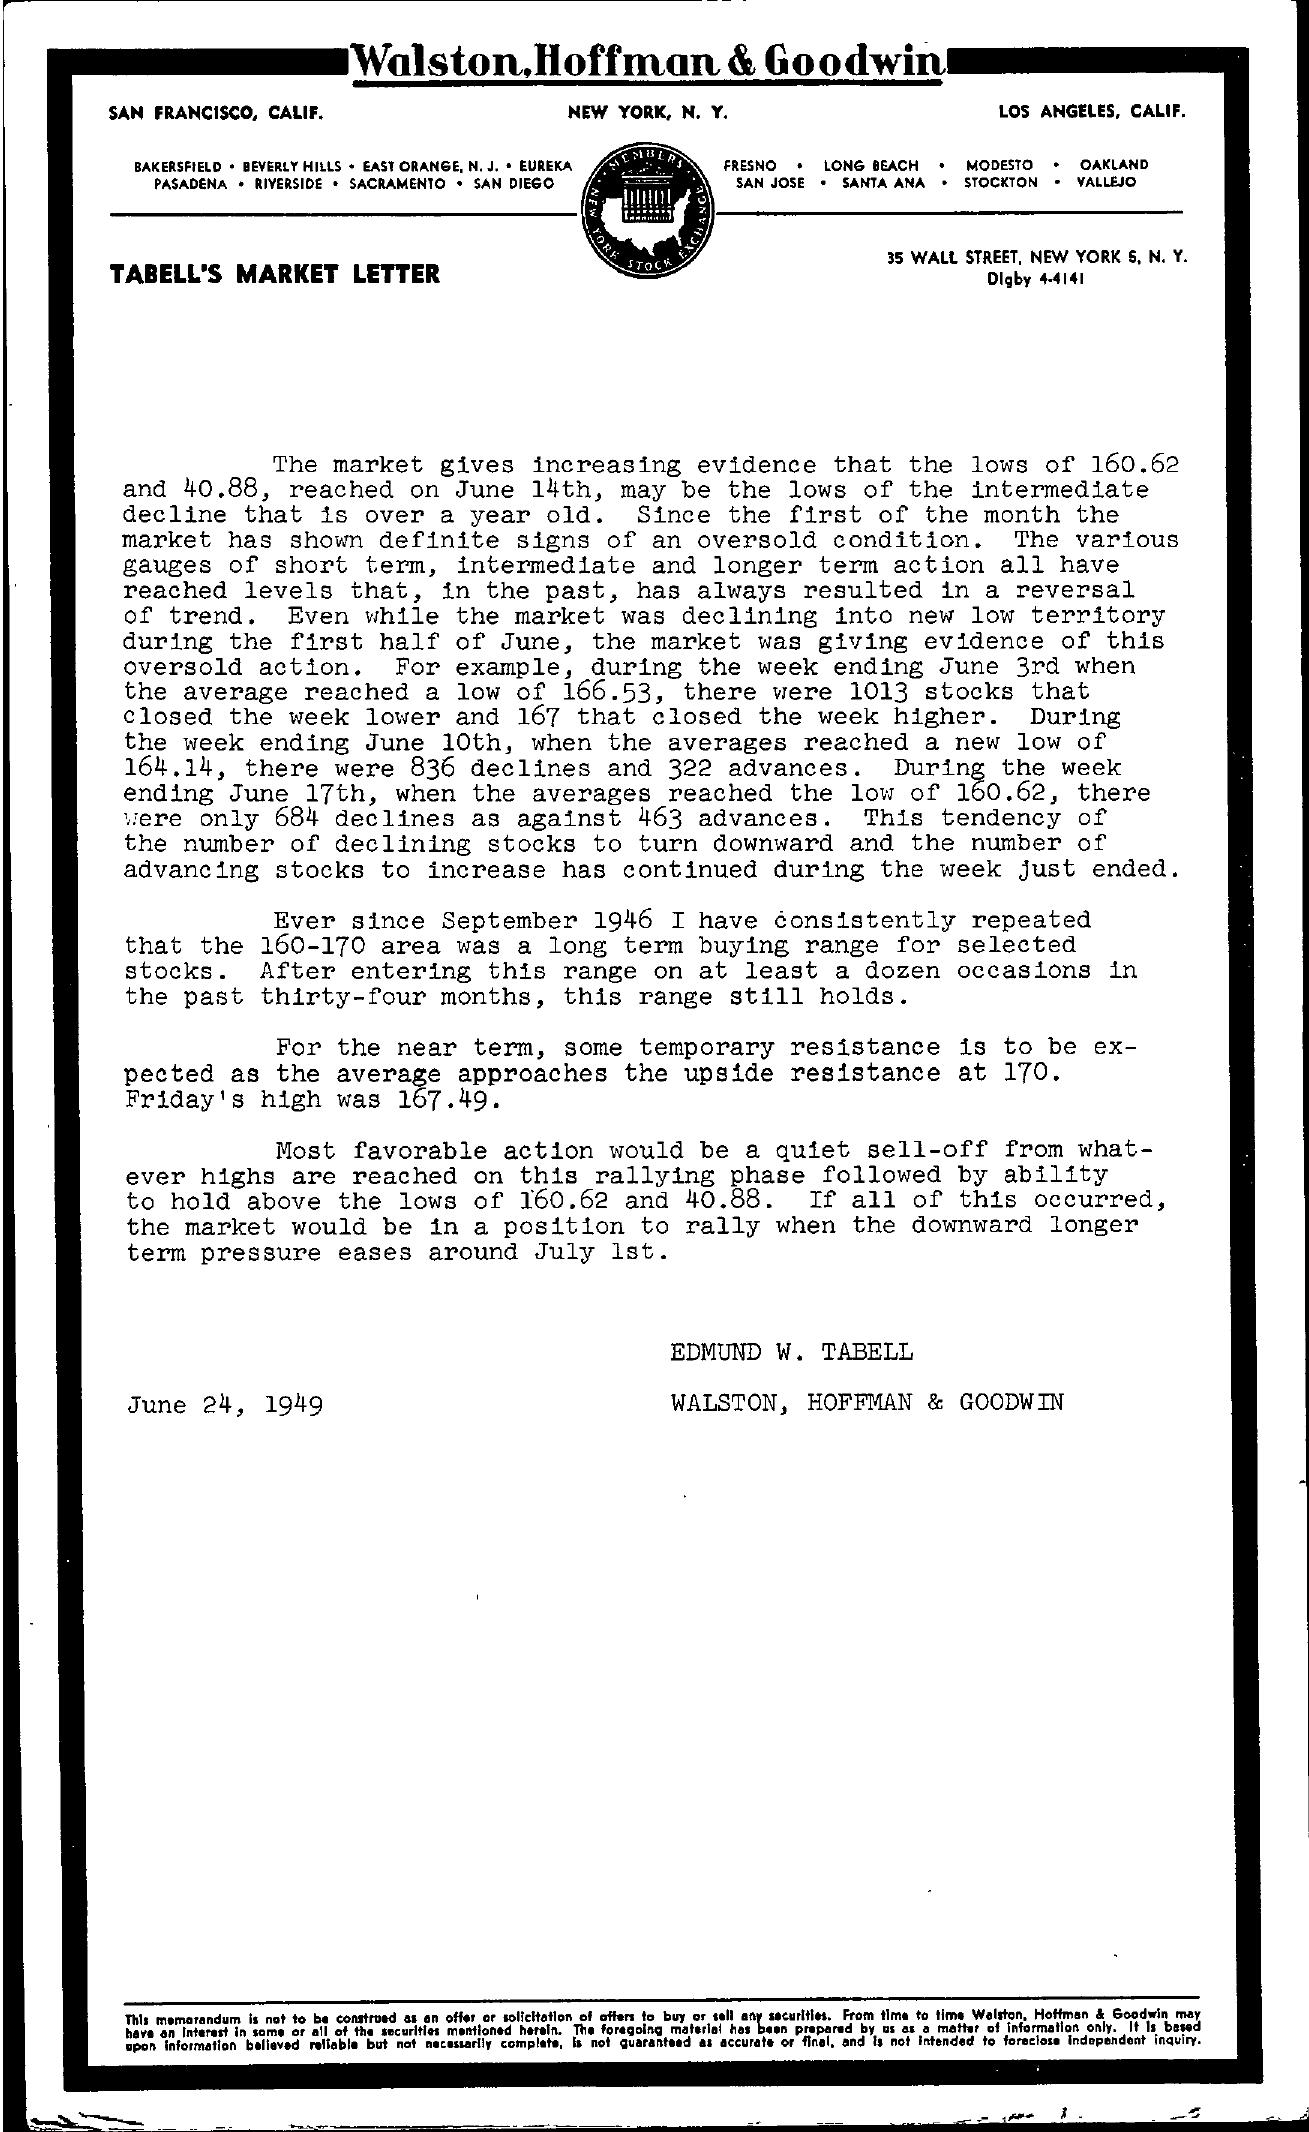 Tabell's Market Letter - June 24, 1949